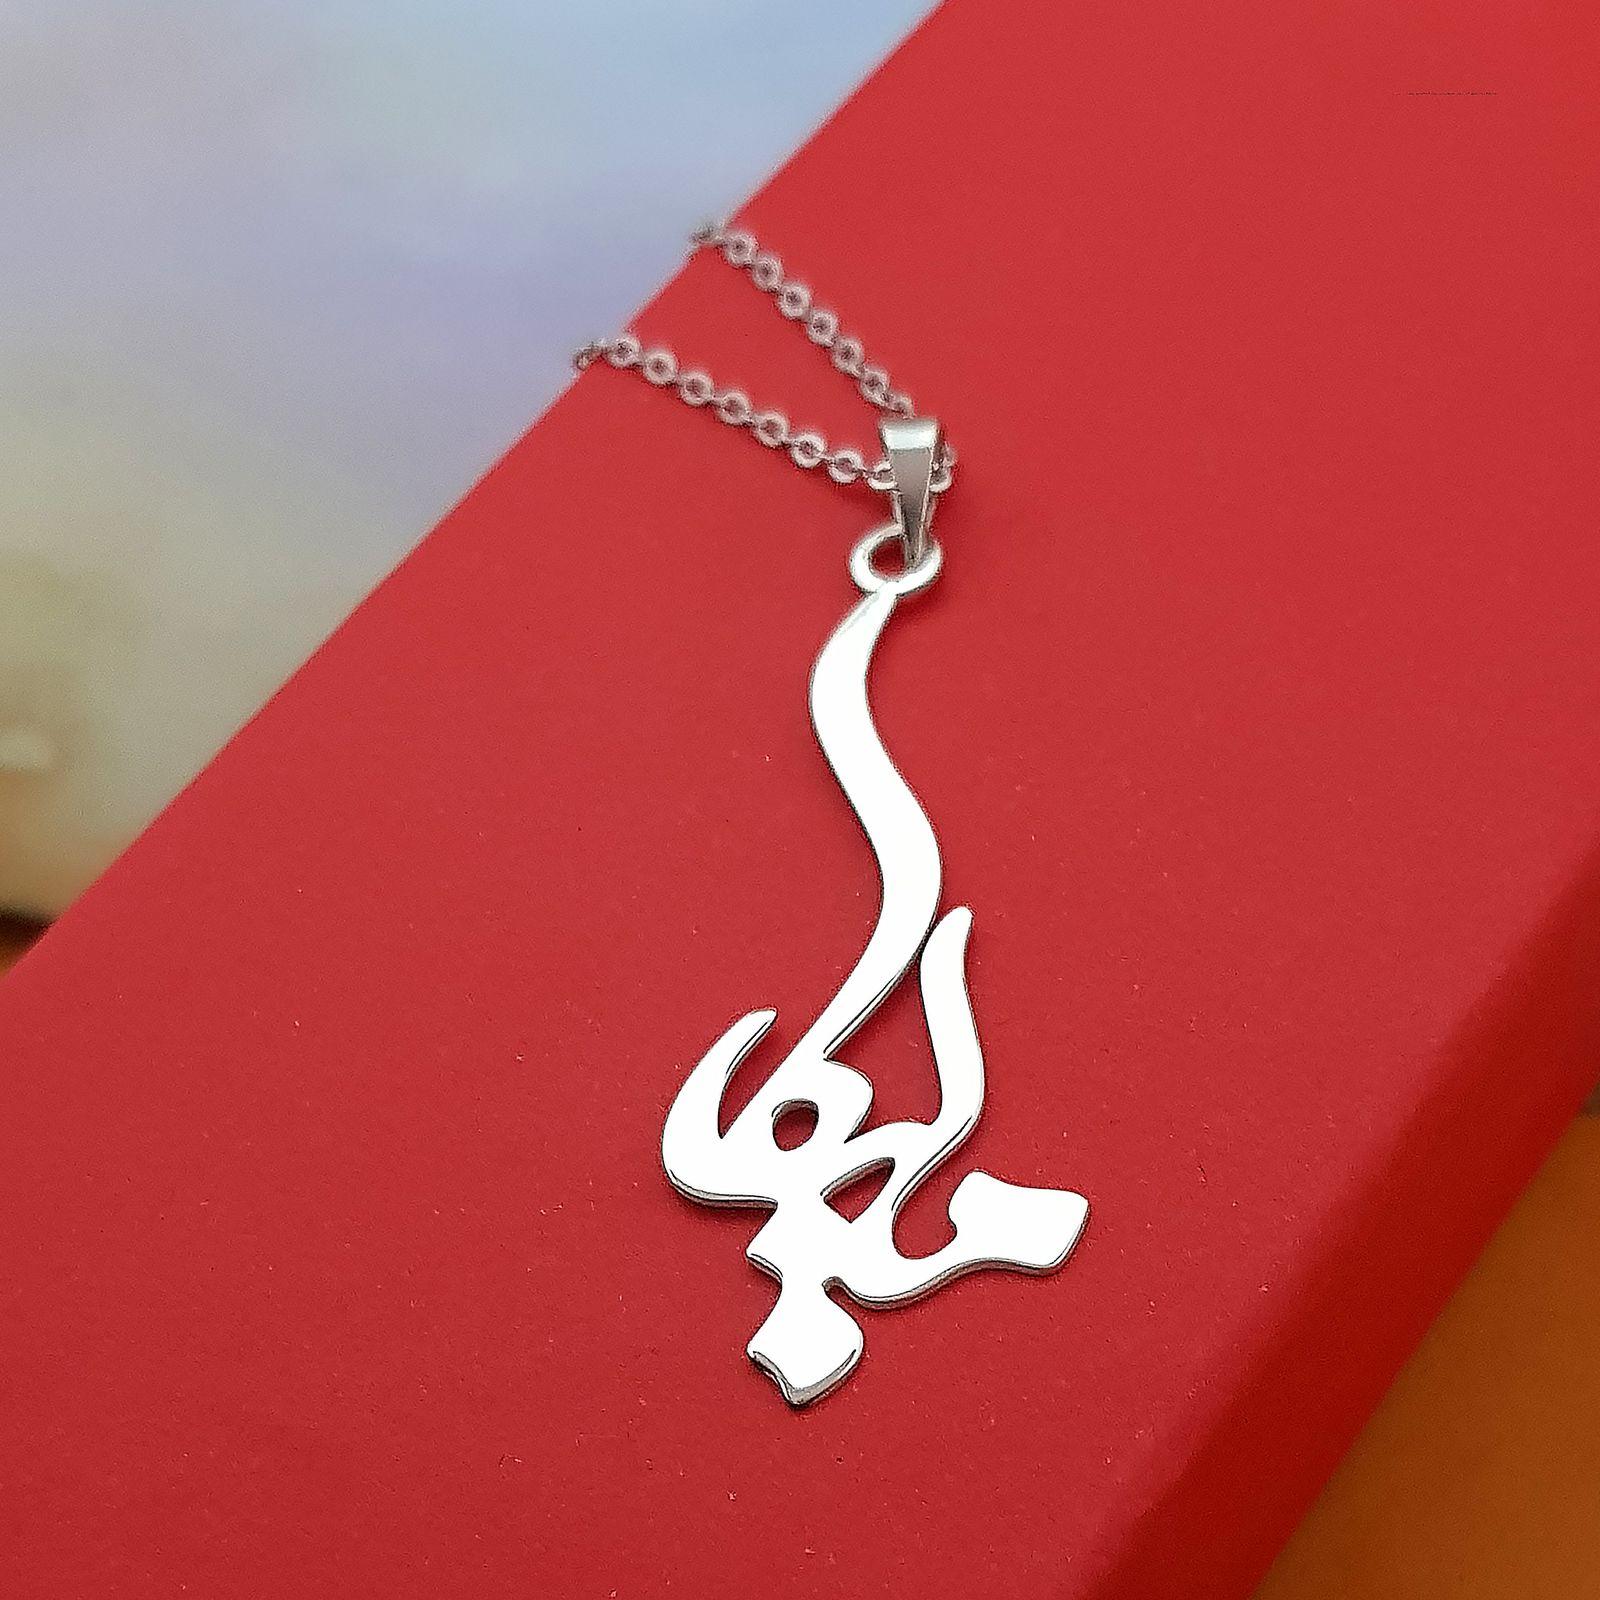 گردنبند نقره زنانه ترمه 1 طرح ملیکا کد A-552 -  - 2